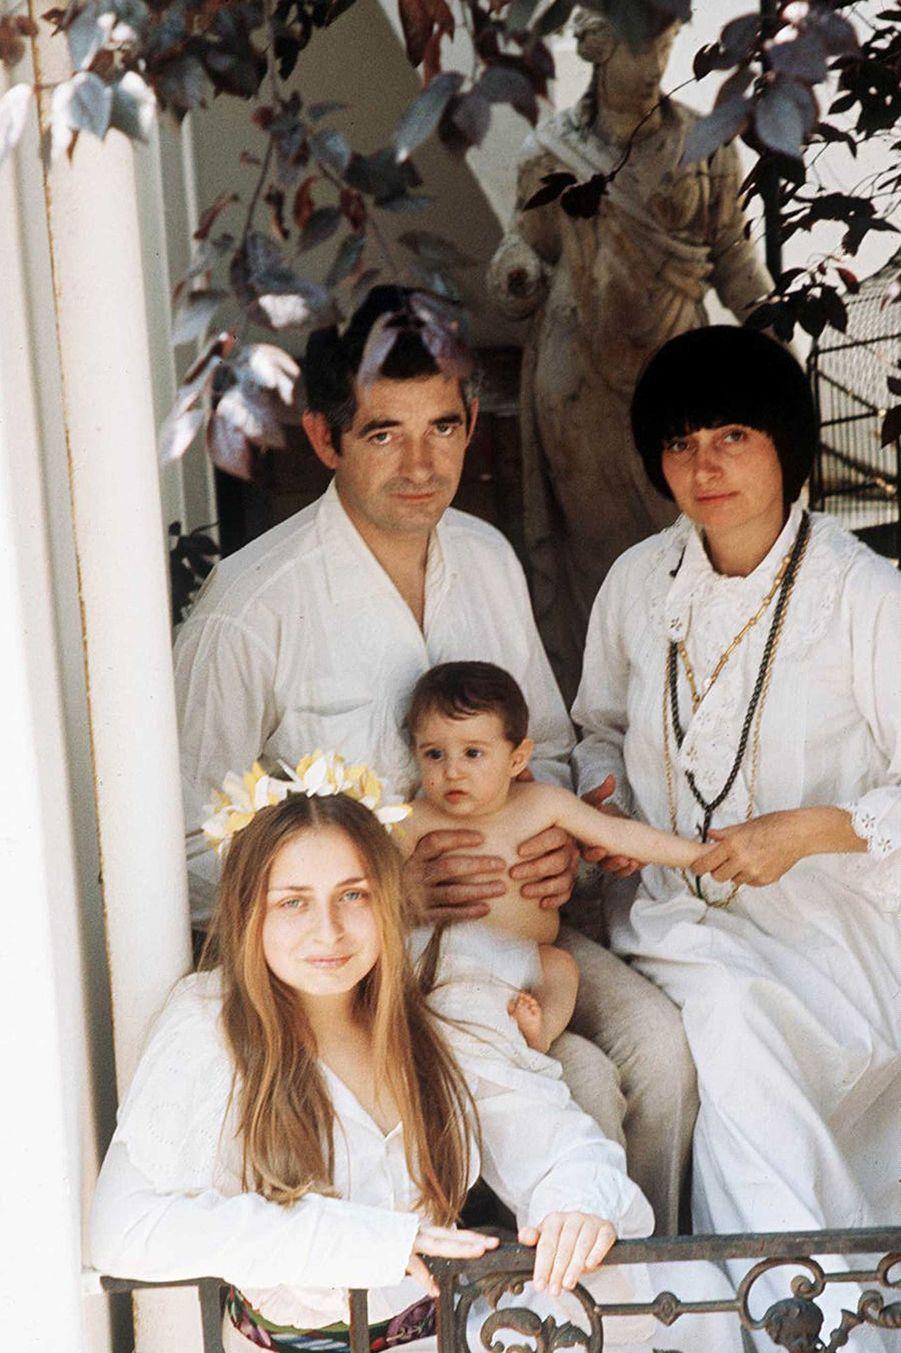 Agnès Varda et Jacques Demy, avec leurs enfants Rosalie et Mathieu, en 1973.EWA RUDLING/SIPA